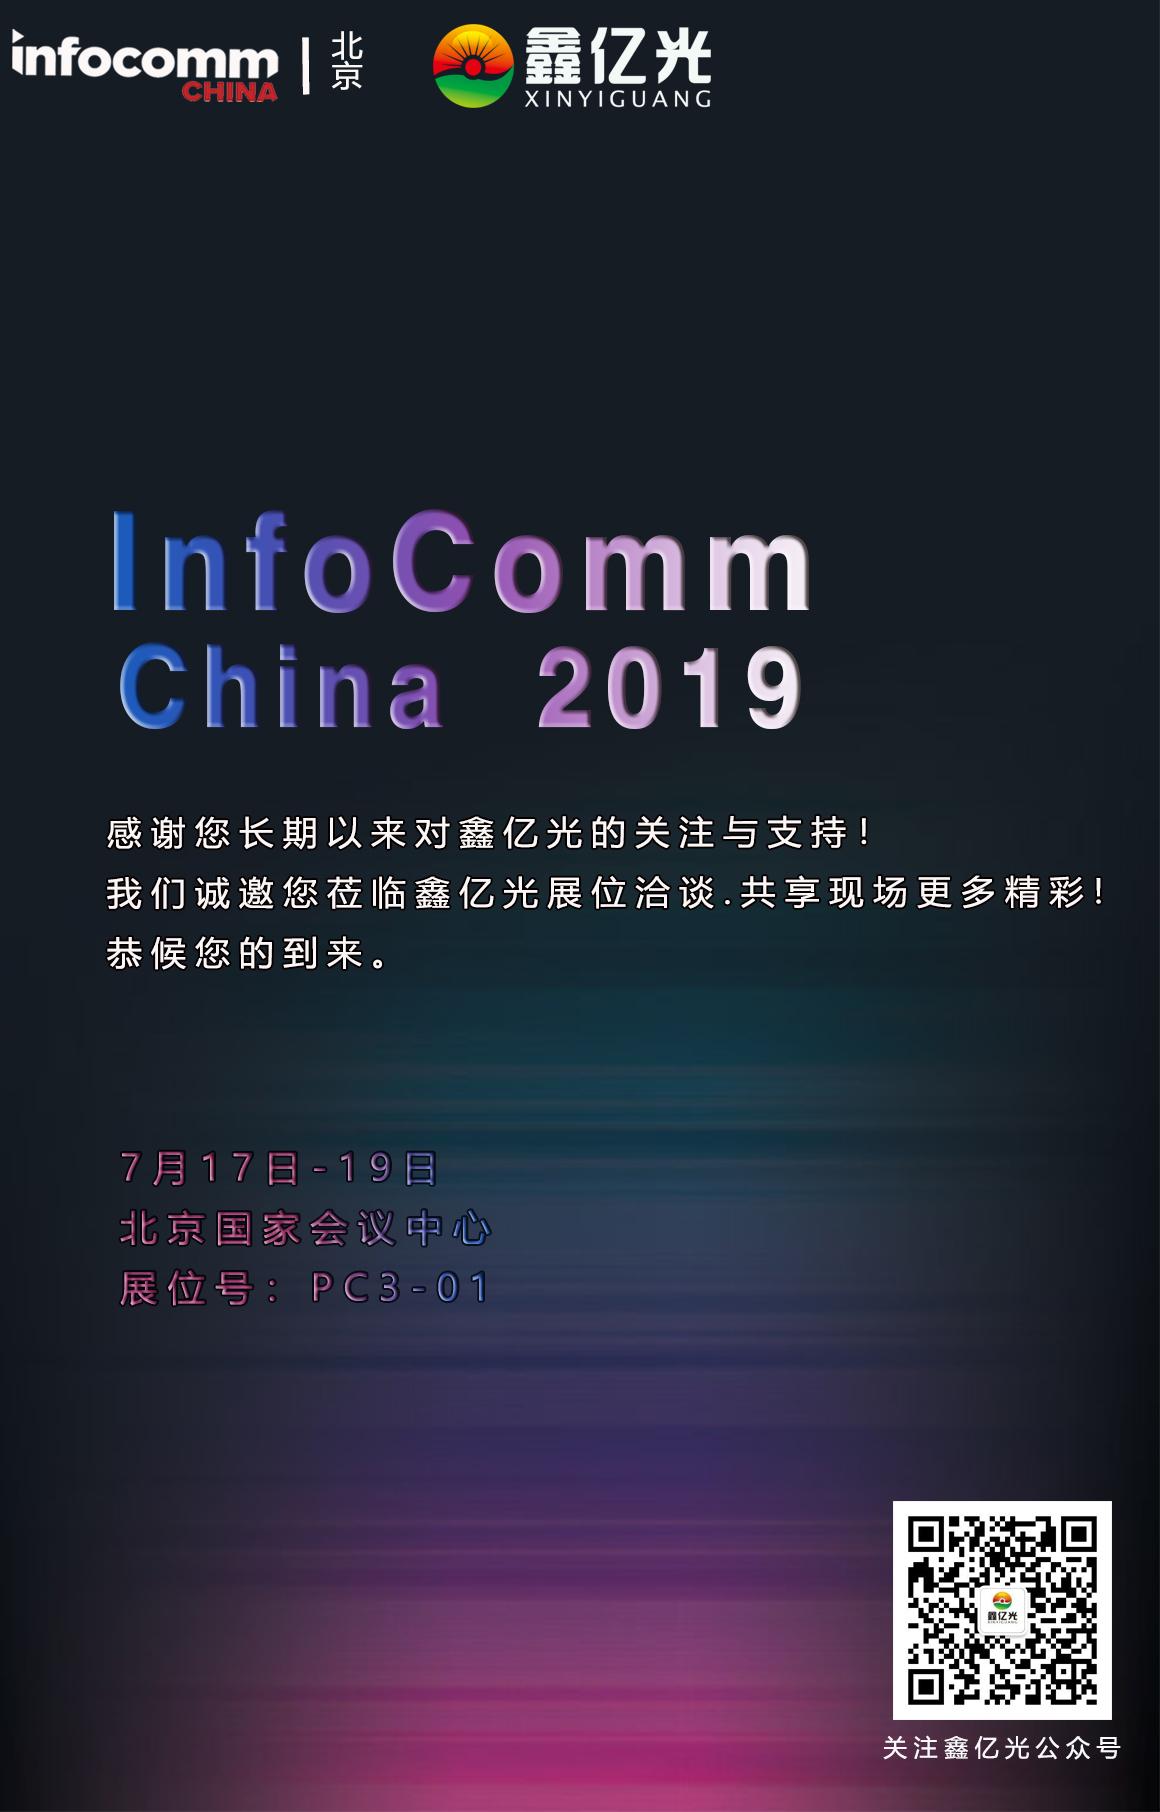 鑫亿光:北京InfoComm China 2019用产品实力一展品牌风采